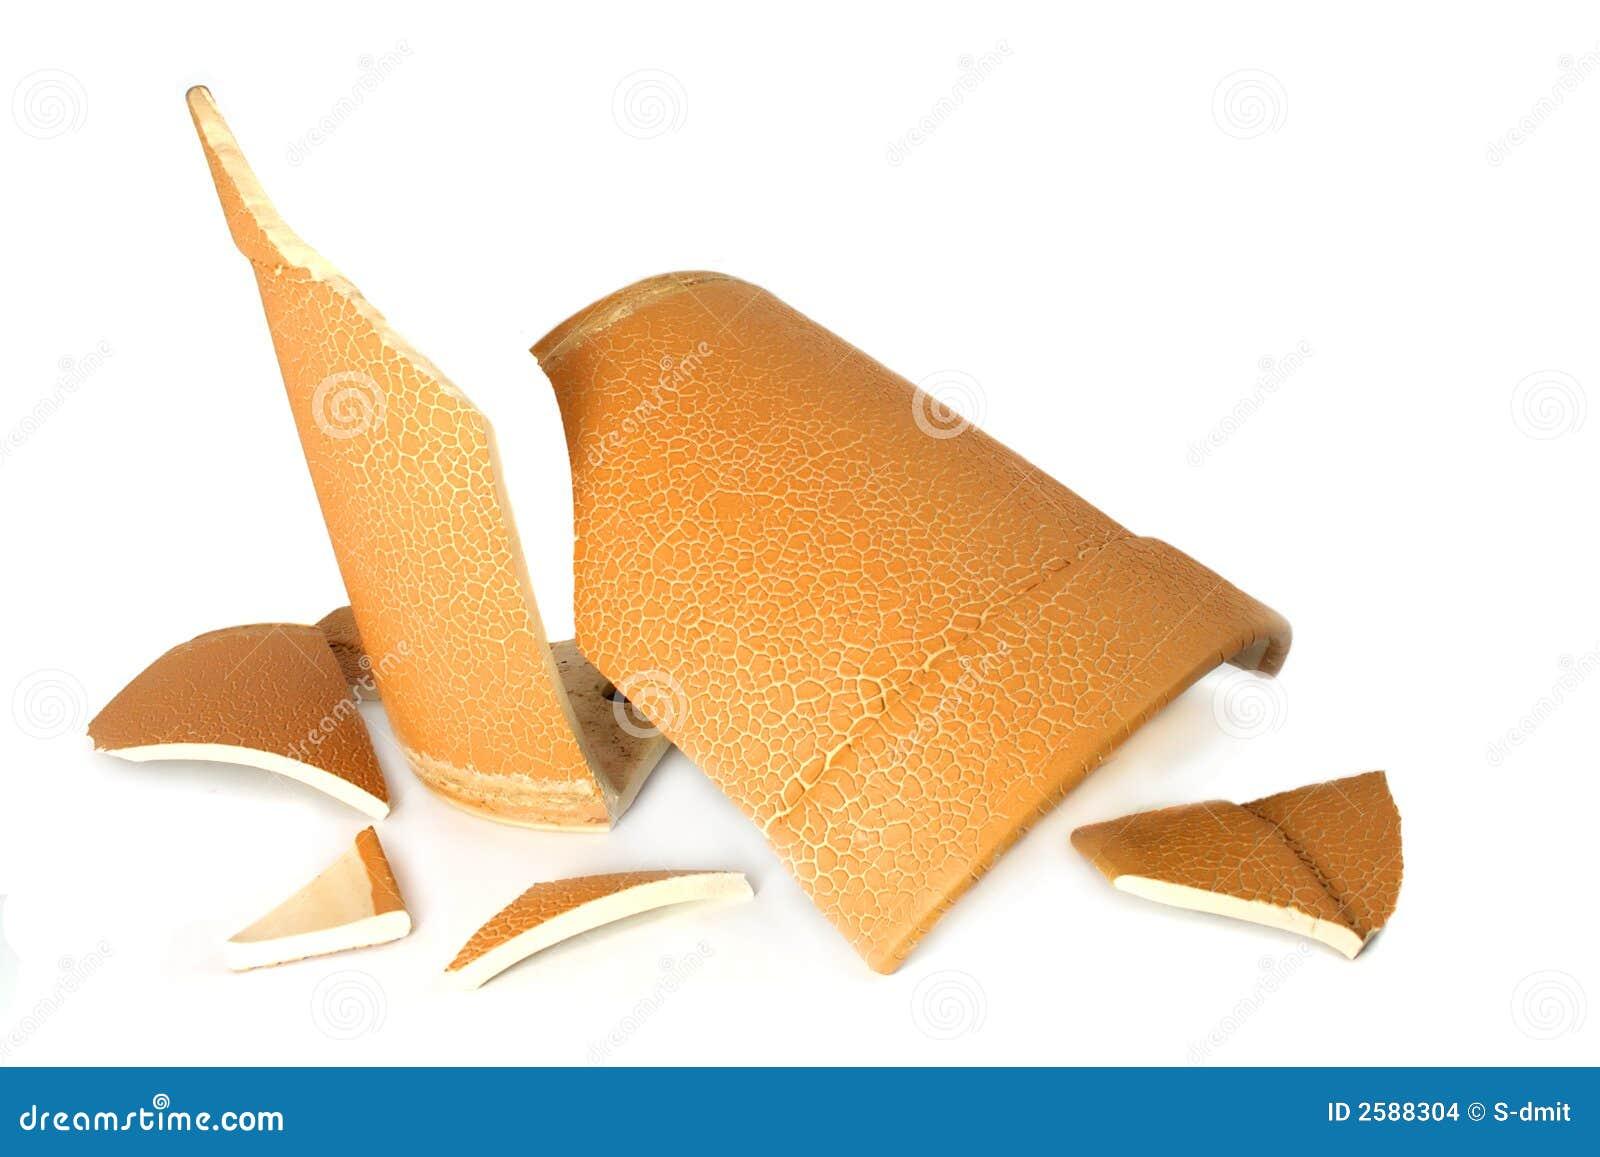 The Broken Flowerpot Stock Images Image 2588304